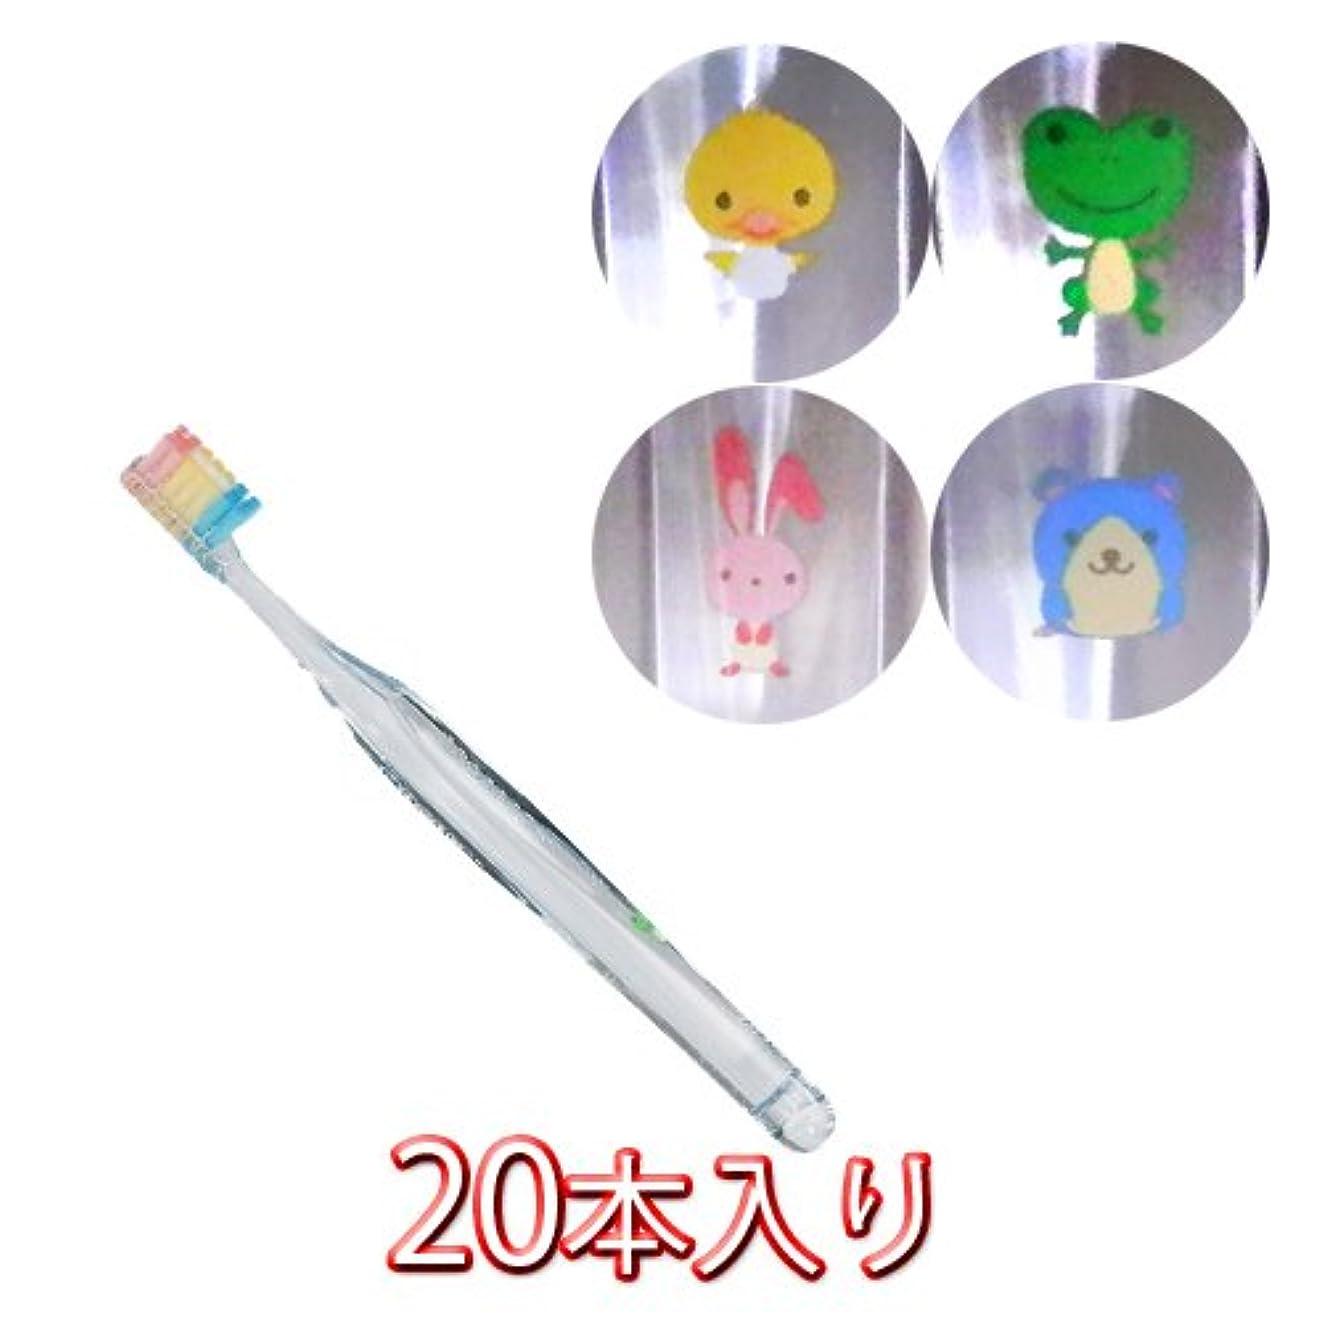 ミサイルコカイン安全なプロスペック プラス フォーレッスン 歯ブラシ 20本入 タイニー